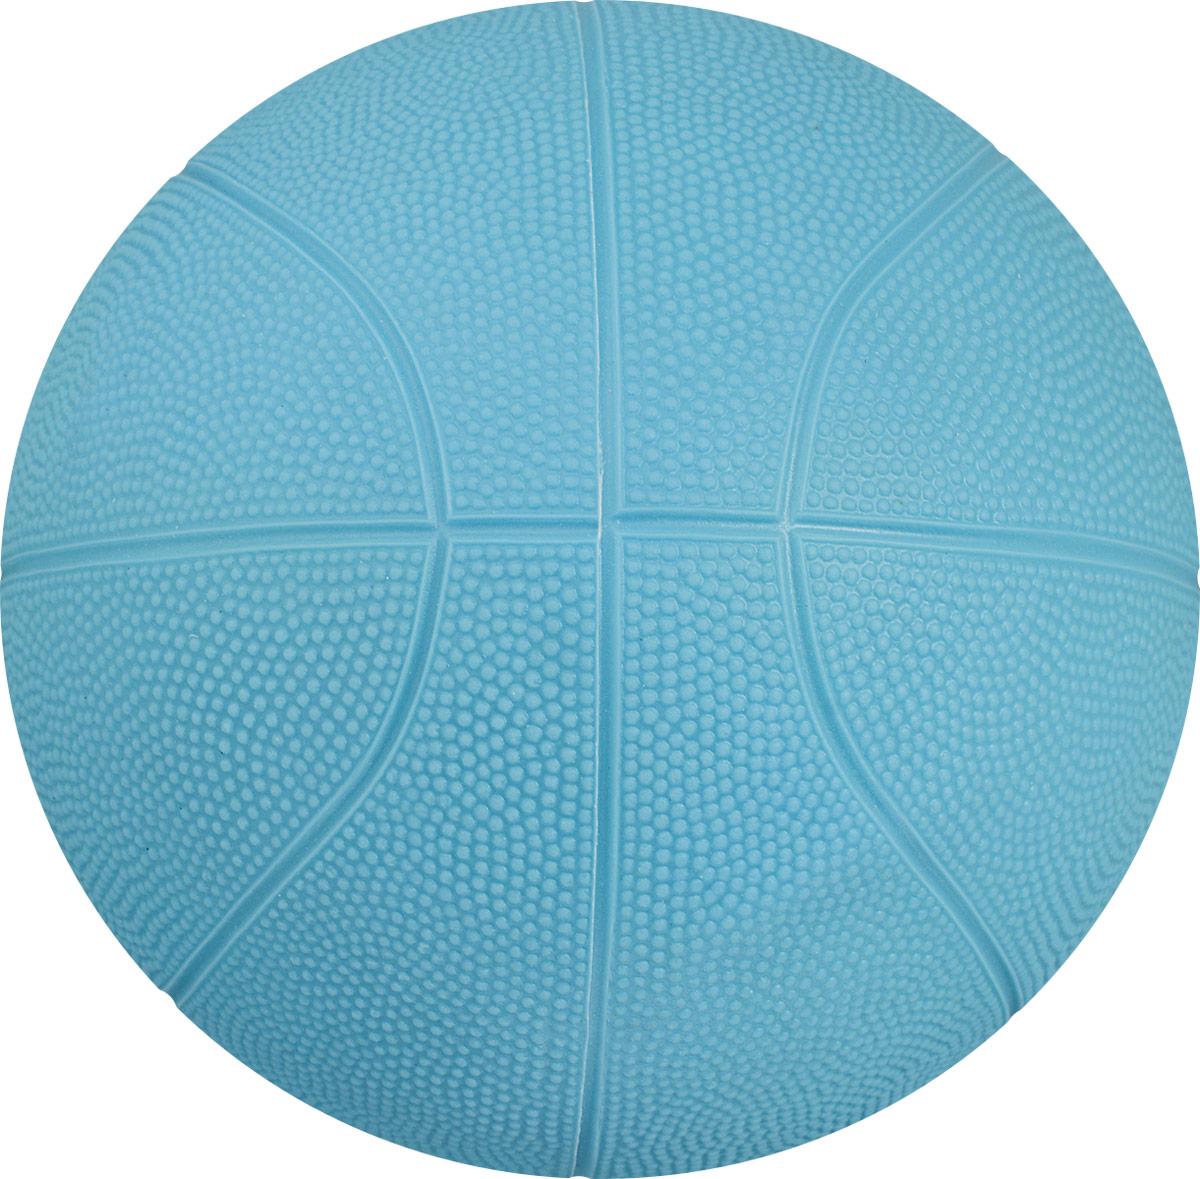 Весна Мяч детский баскетбольный цвет голубой диаметр 25,5 см